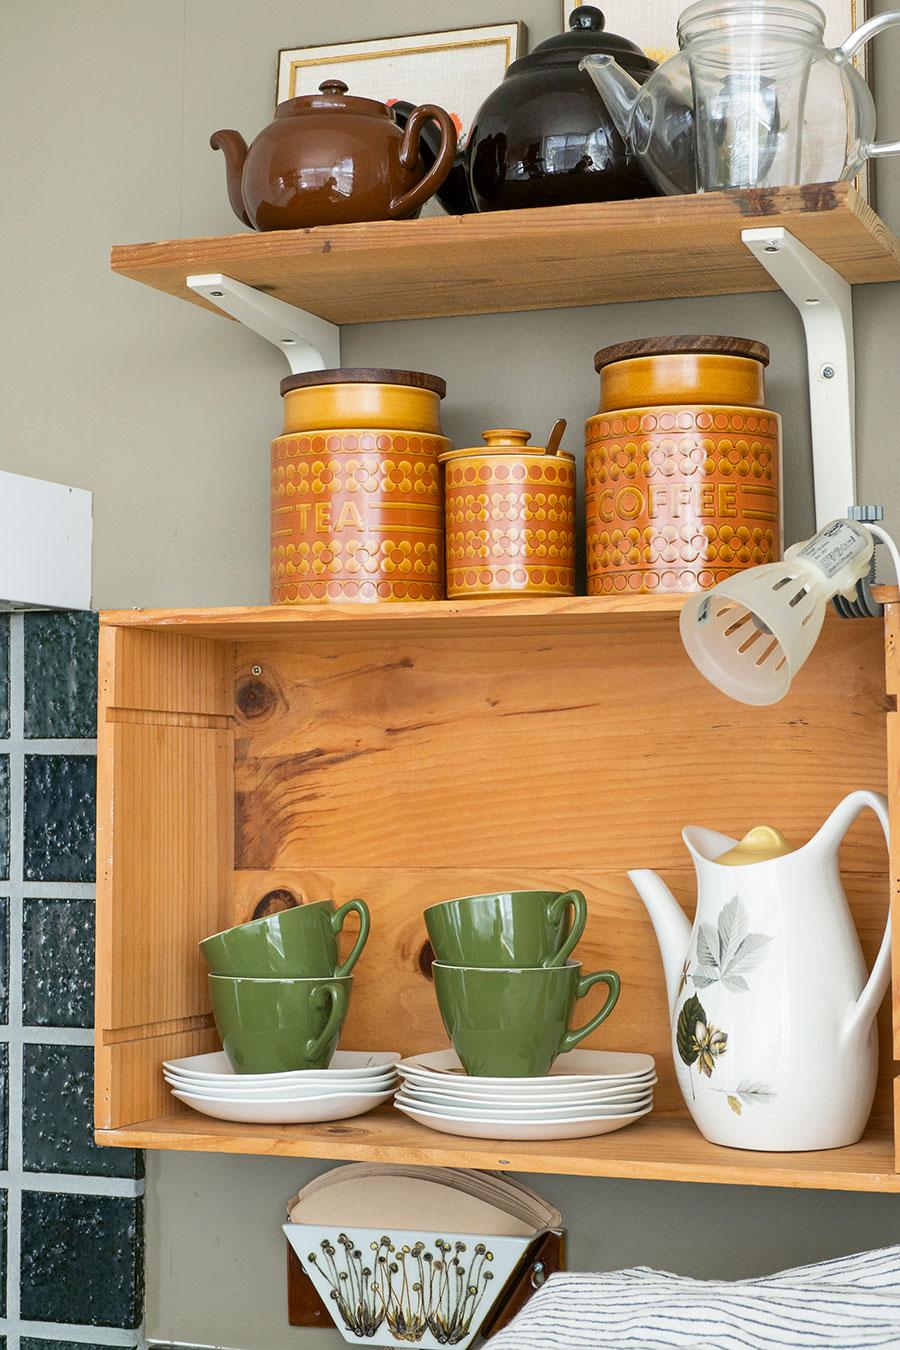 イギリスのヴィンテージのコーヒーセット。コーヒーフィルターホルダーはロイヤル・コペンハーゲン。